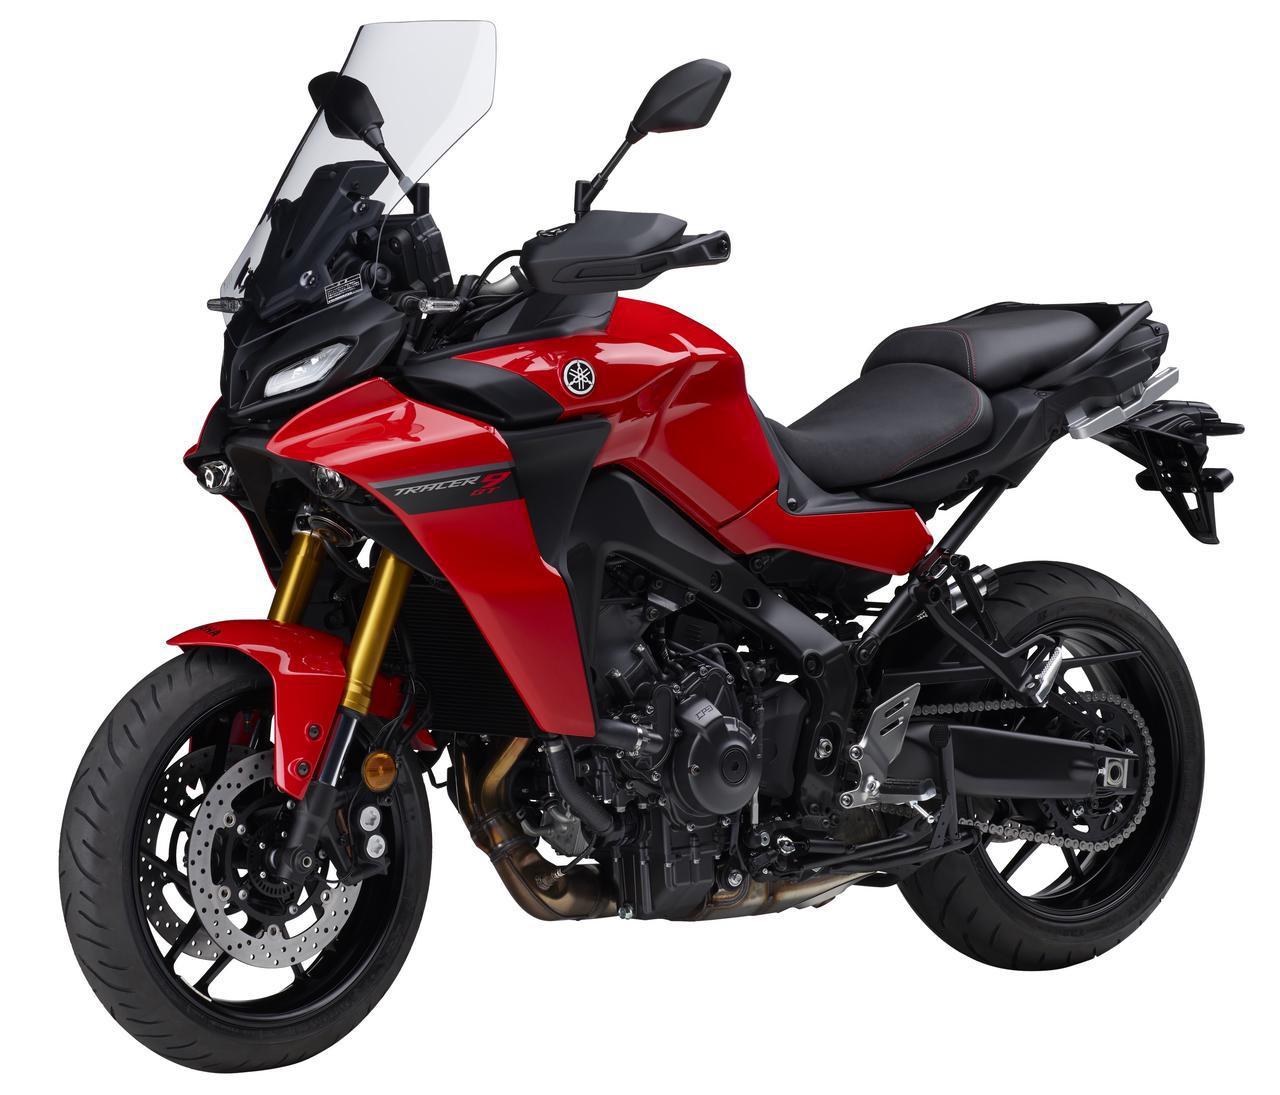 画像1: 【新型情報】ヤマハ「トレーサー9 GT」登場 - webオートバイ